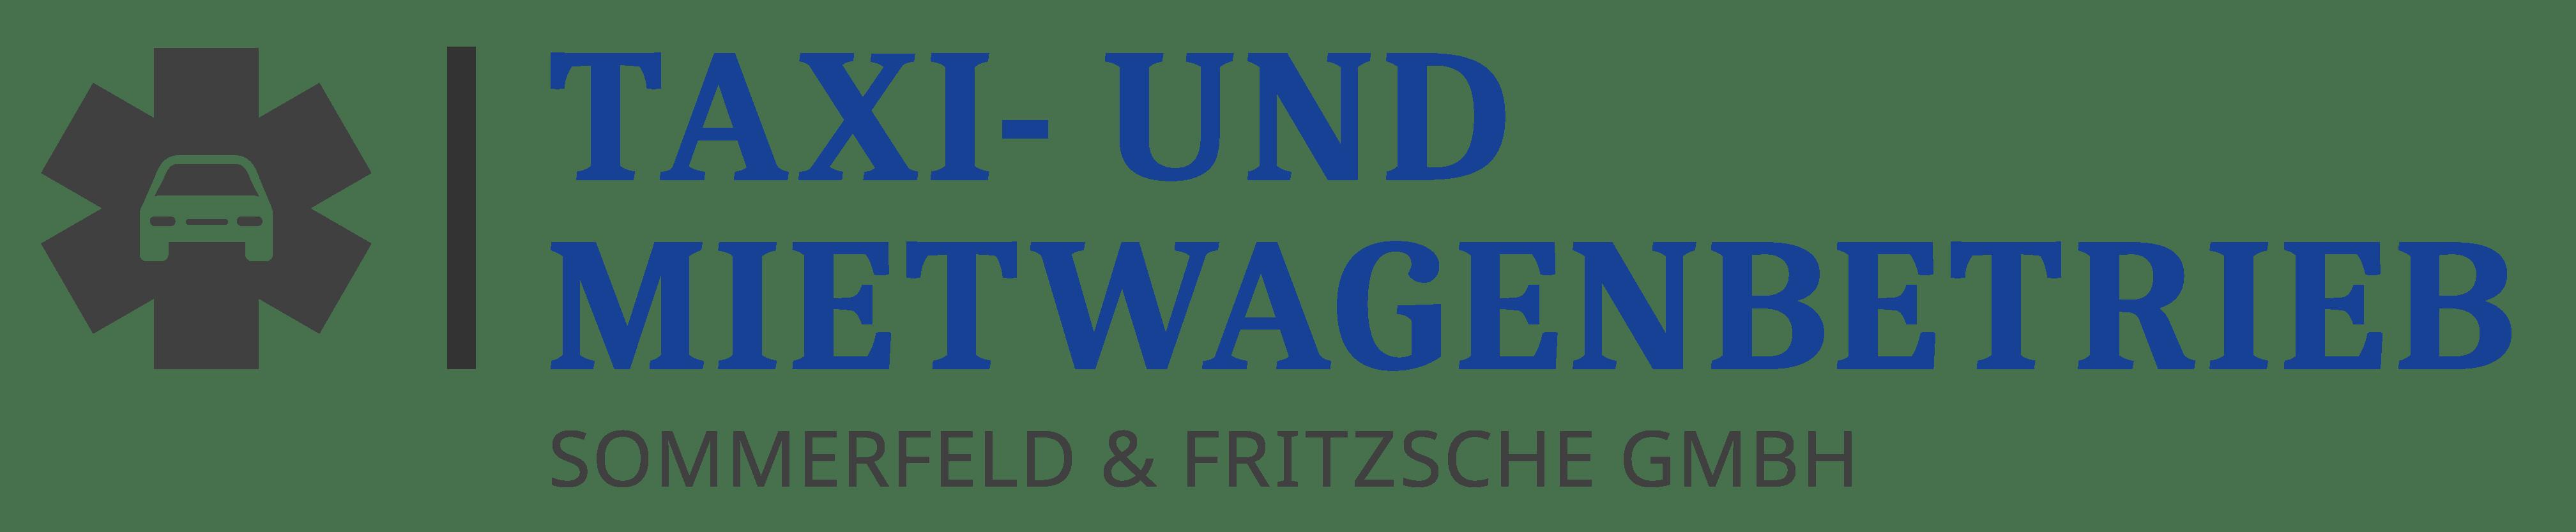 Taxi-Mietwagenbetrieb Sommerfeld & Fritsche GmbH